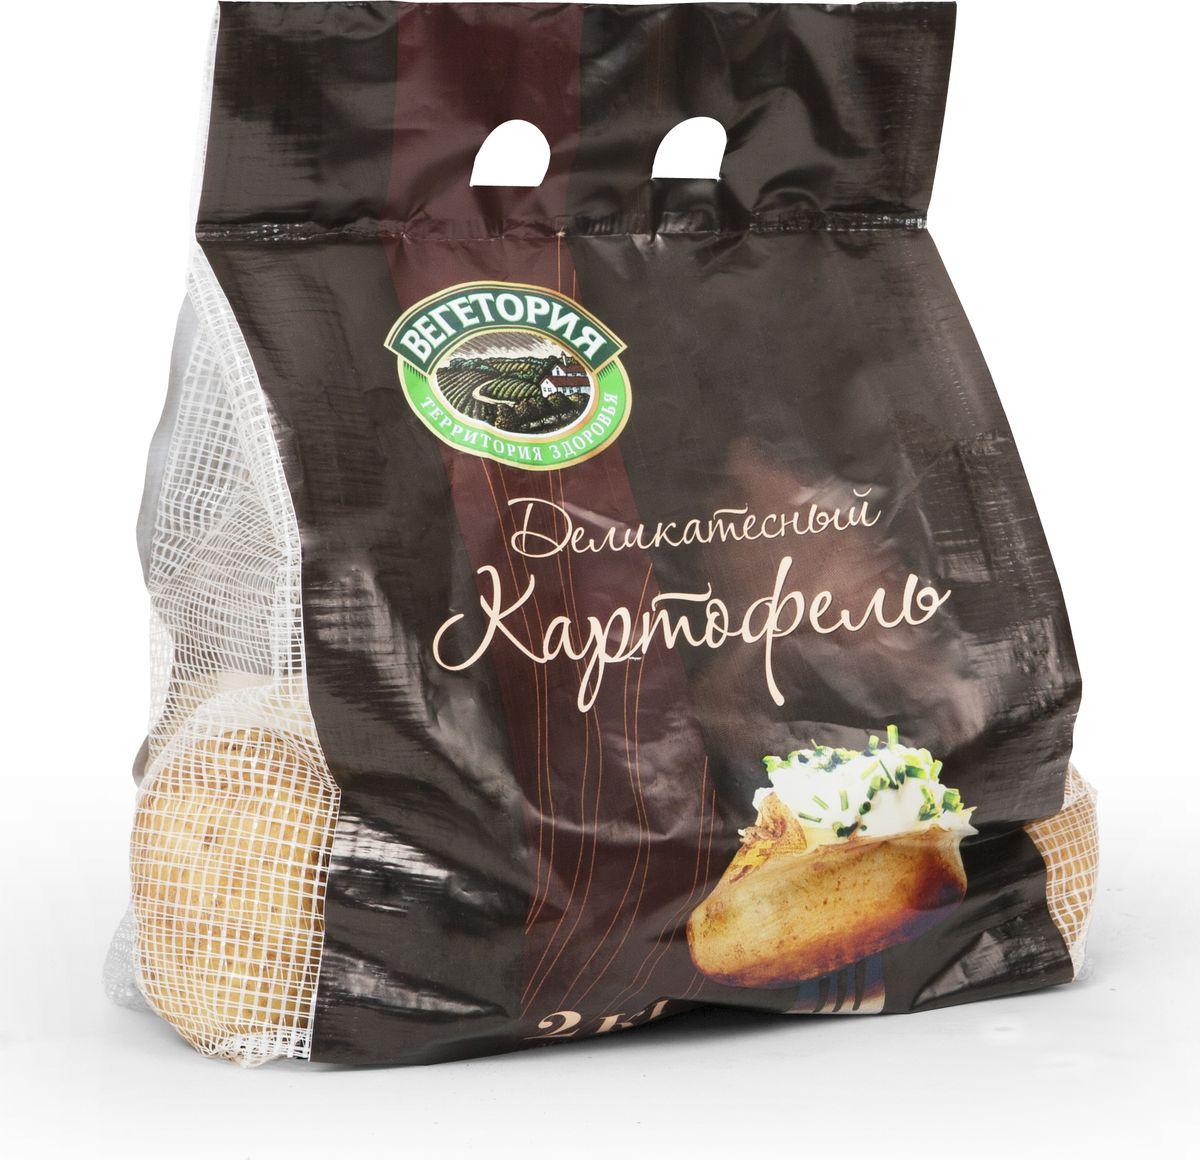 Вегетория Картофель Деликатесный мытый, 2 кг4670000600096В картошке содержатся:белки;витамины B, B2,В3, B6, В9;витамин C;витамины К,PP, D, E;фосфор;органические кислоты;кальций;магний;углеводы;крахмал;клетчатка.Польза картофеля печеного, сырого, вареного для организма.Помогает работе желудка и кишечника.Выводит токсины.Укрепляет сосуды.Нормализует обменные процессы.Улучшает работу печени.Обладает спазмолитическим и мочегонным действием.Предотвращает ревматизм и сахарный диабет.Крахмал при варке картошки превращается в глюкозу, а этот подпитка нашему организму.Главная ценность картофеля в том, что в нём много калия.Благодаря калию:выводится лишняя жидкость из организма;регулируются обменные процессы;оздоровляется сердечно-сосудистая система.Калия в картошке даже больше, чем в хлебе мясе и рыбе.Картофельный сок очень полезный и лечит многие недуги:обладает сильным противовоспалительным действием;избавляет от изжоги;повышает гемоглобин;понижает давление;снимает нервное напряжение;очищает организм. Особенно полезен сок картофеля при гастрите и язве желудка. При хронических головных болях, тошноте, изжоге. Сок картошки отлично помогает при разных заболеваниях кожи, при фарингитах, ларингитах.Пищевая ценность в 100 г продукта: Белки 2 г Жиры 0,4 гУглеводы 18 г